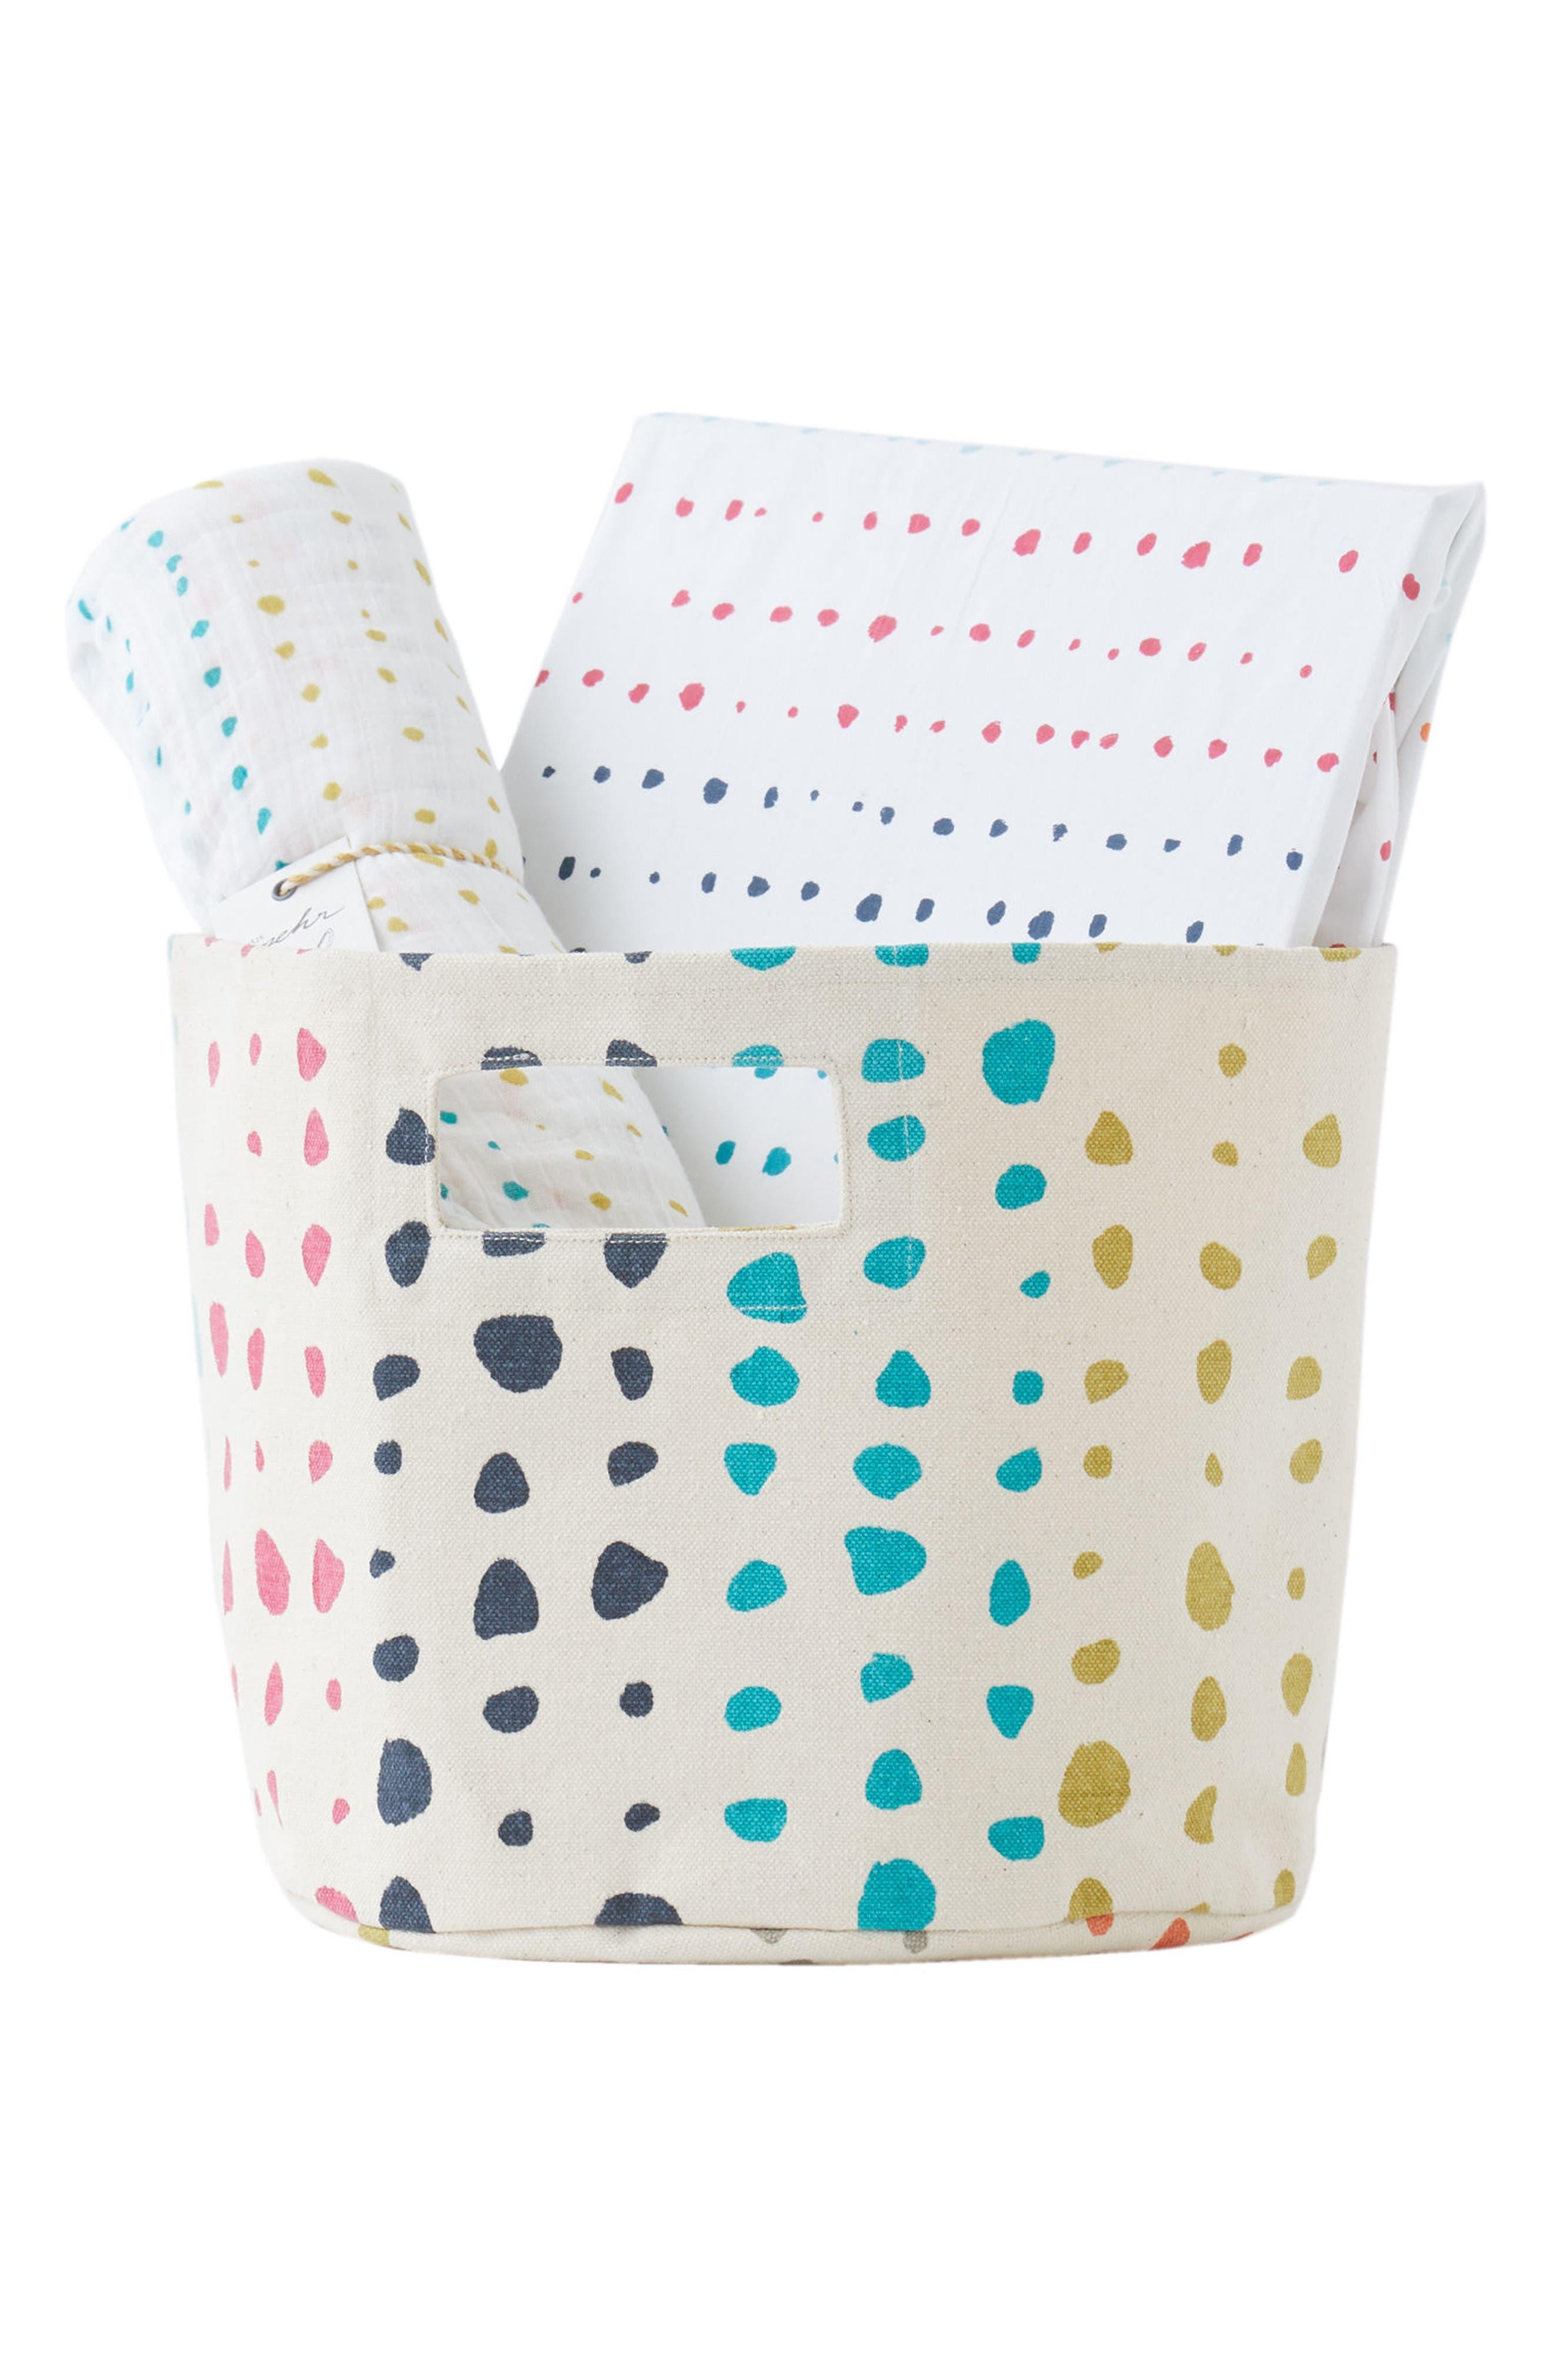 Painted Dots Crib Sheet, Swaddle & Bin Set,                             Main thumbnail 1, color,                             900